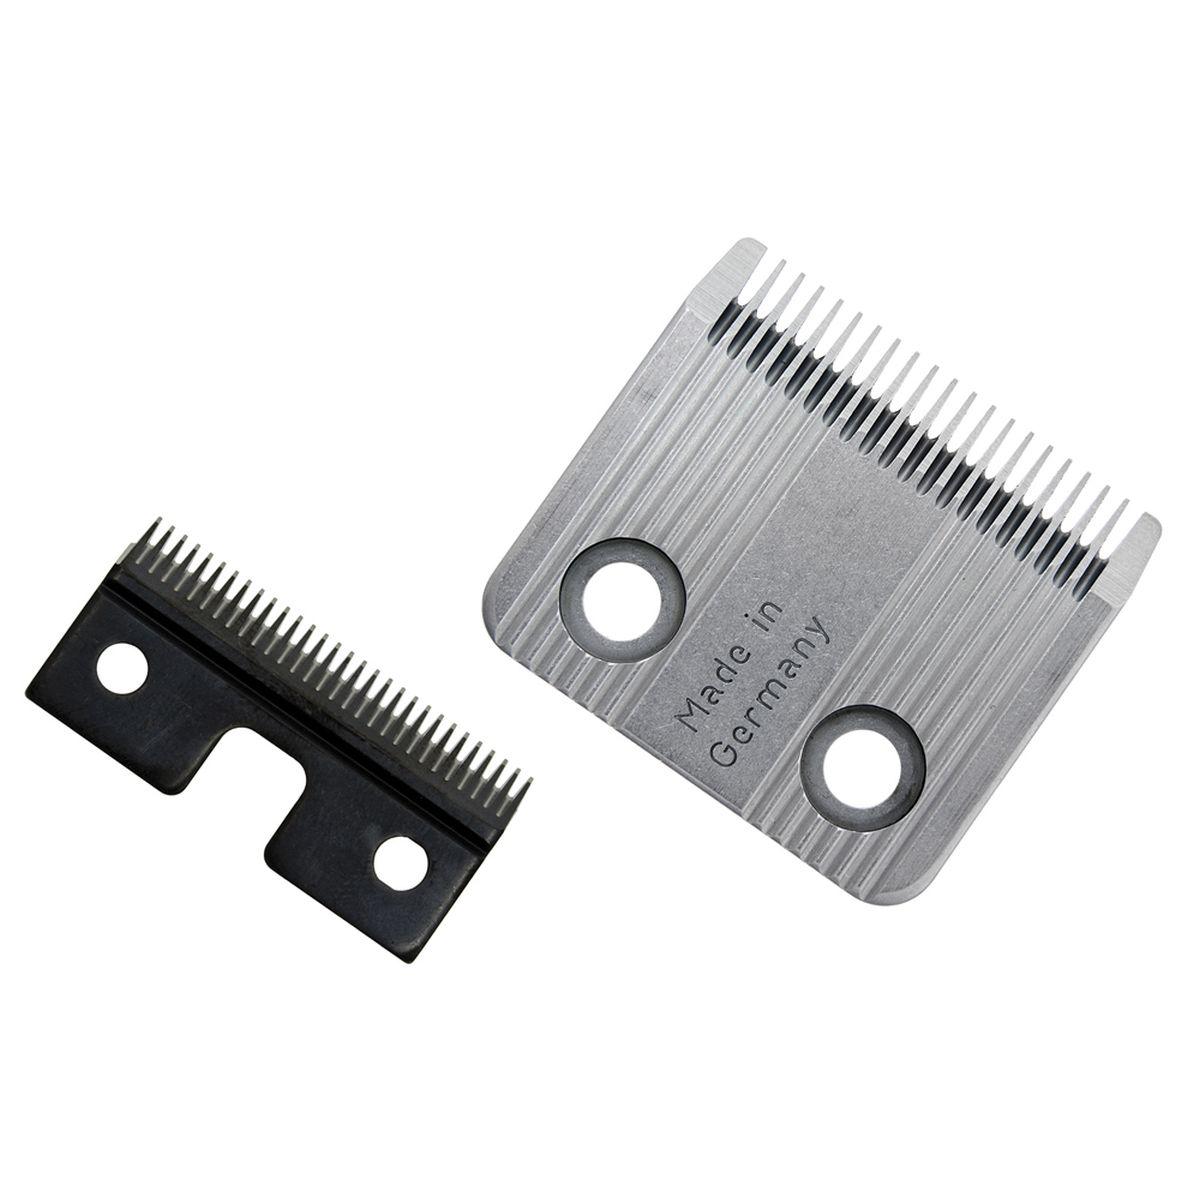 Moser Snijmes 0.1-3mm Tbv Moser Rex - Hondenvachtverzorging -